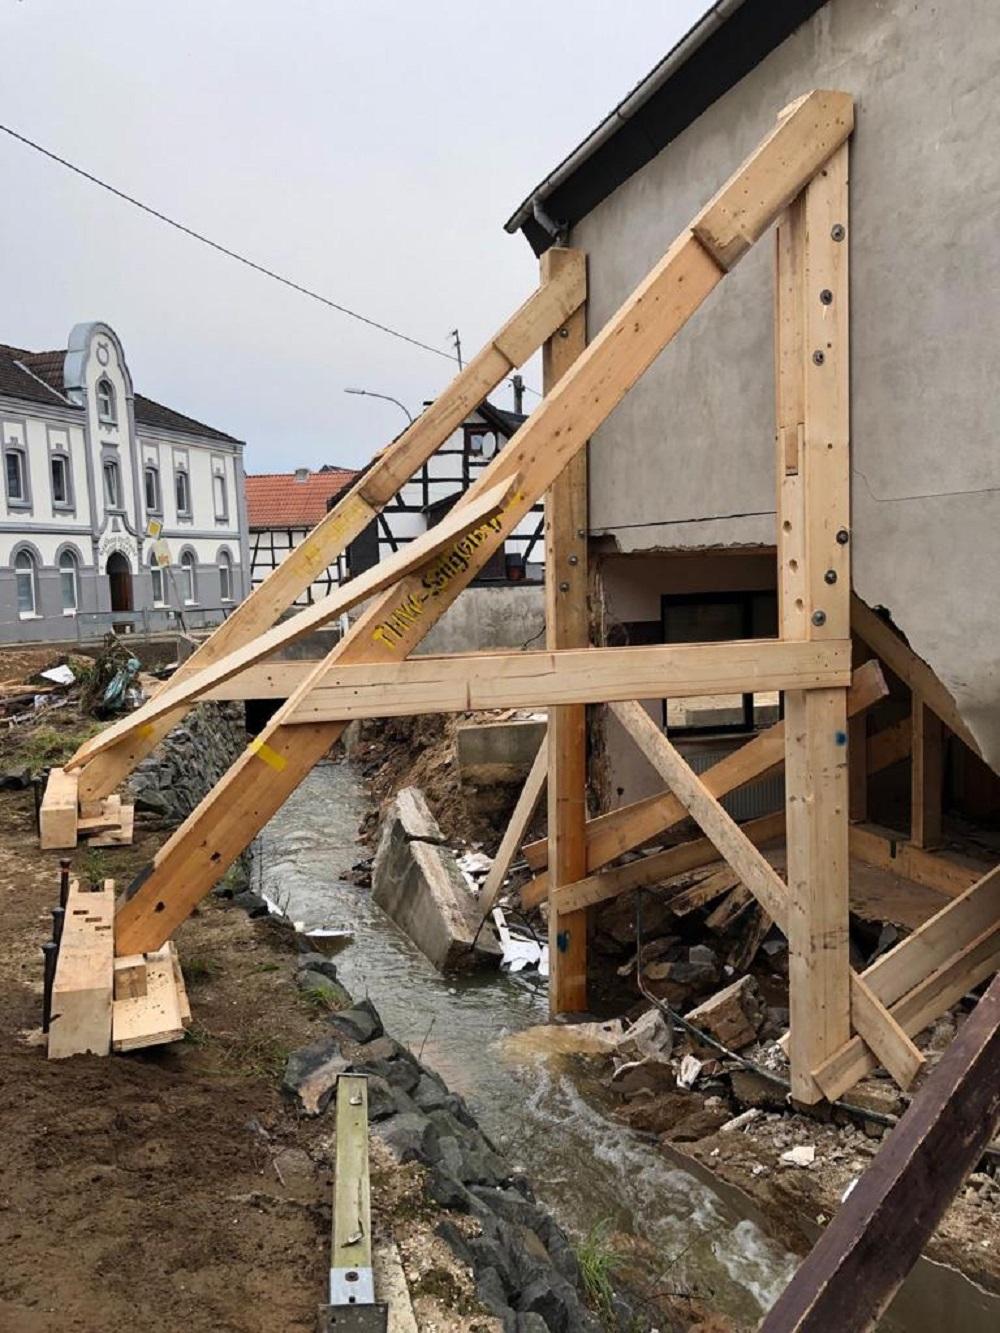 Holzstützen wurden zur Stabilisierung angebracht